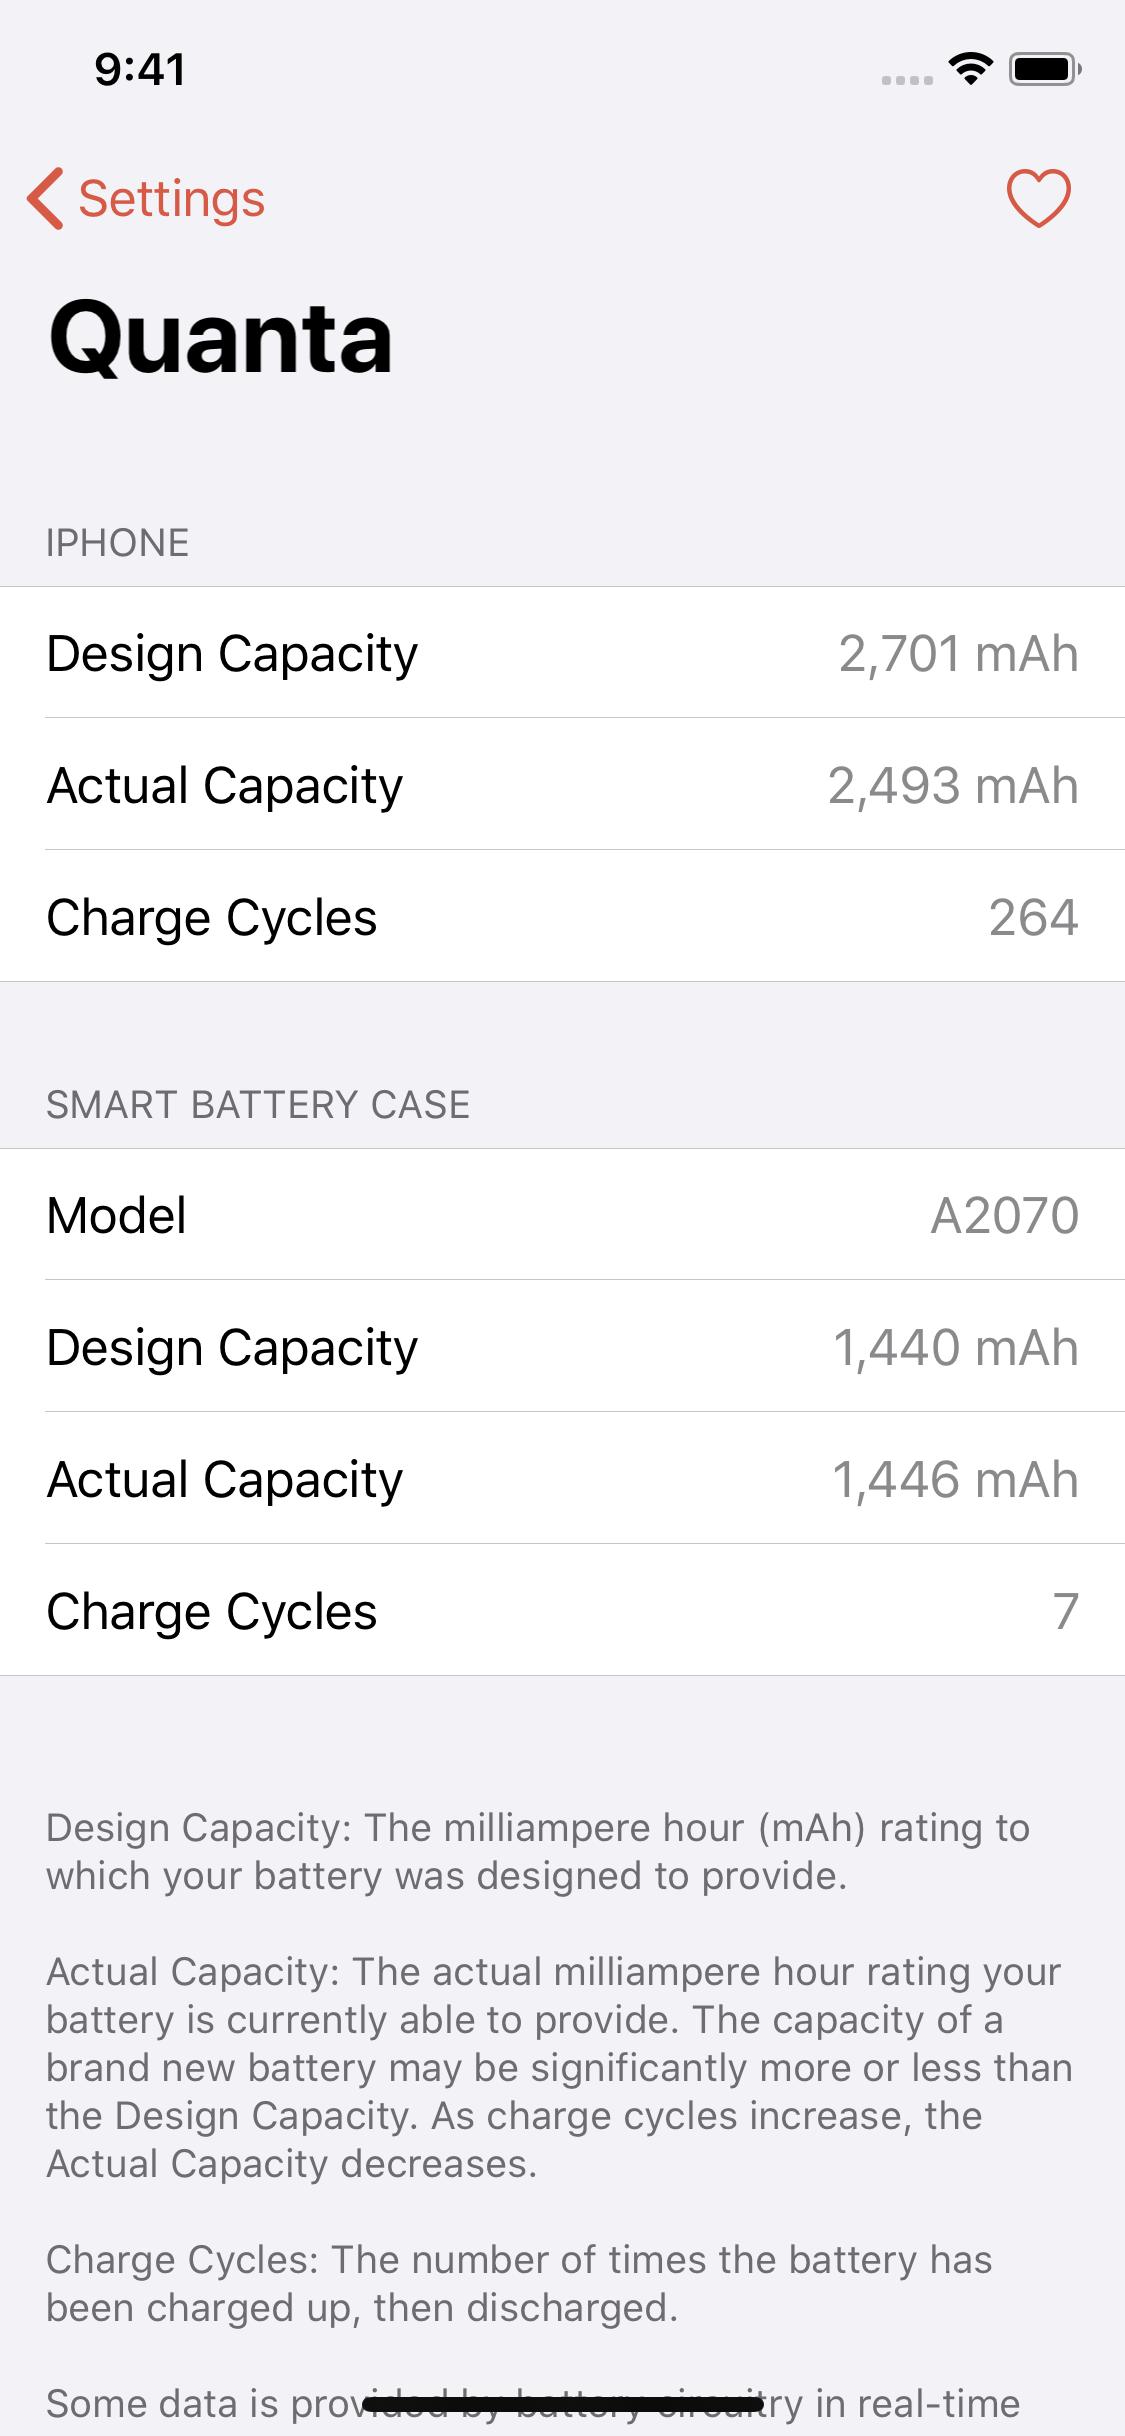 Quanta, Apple Smart Batareya Case edir, batareya səviyyələrini daha asan oxuyur 3